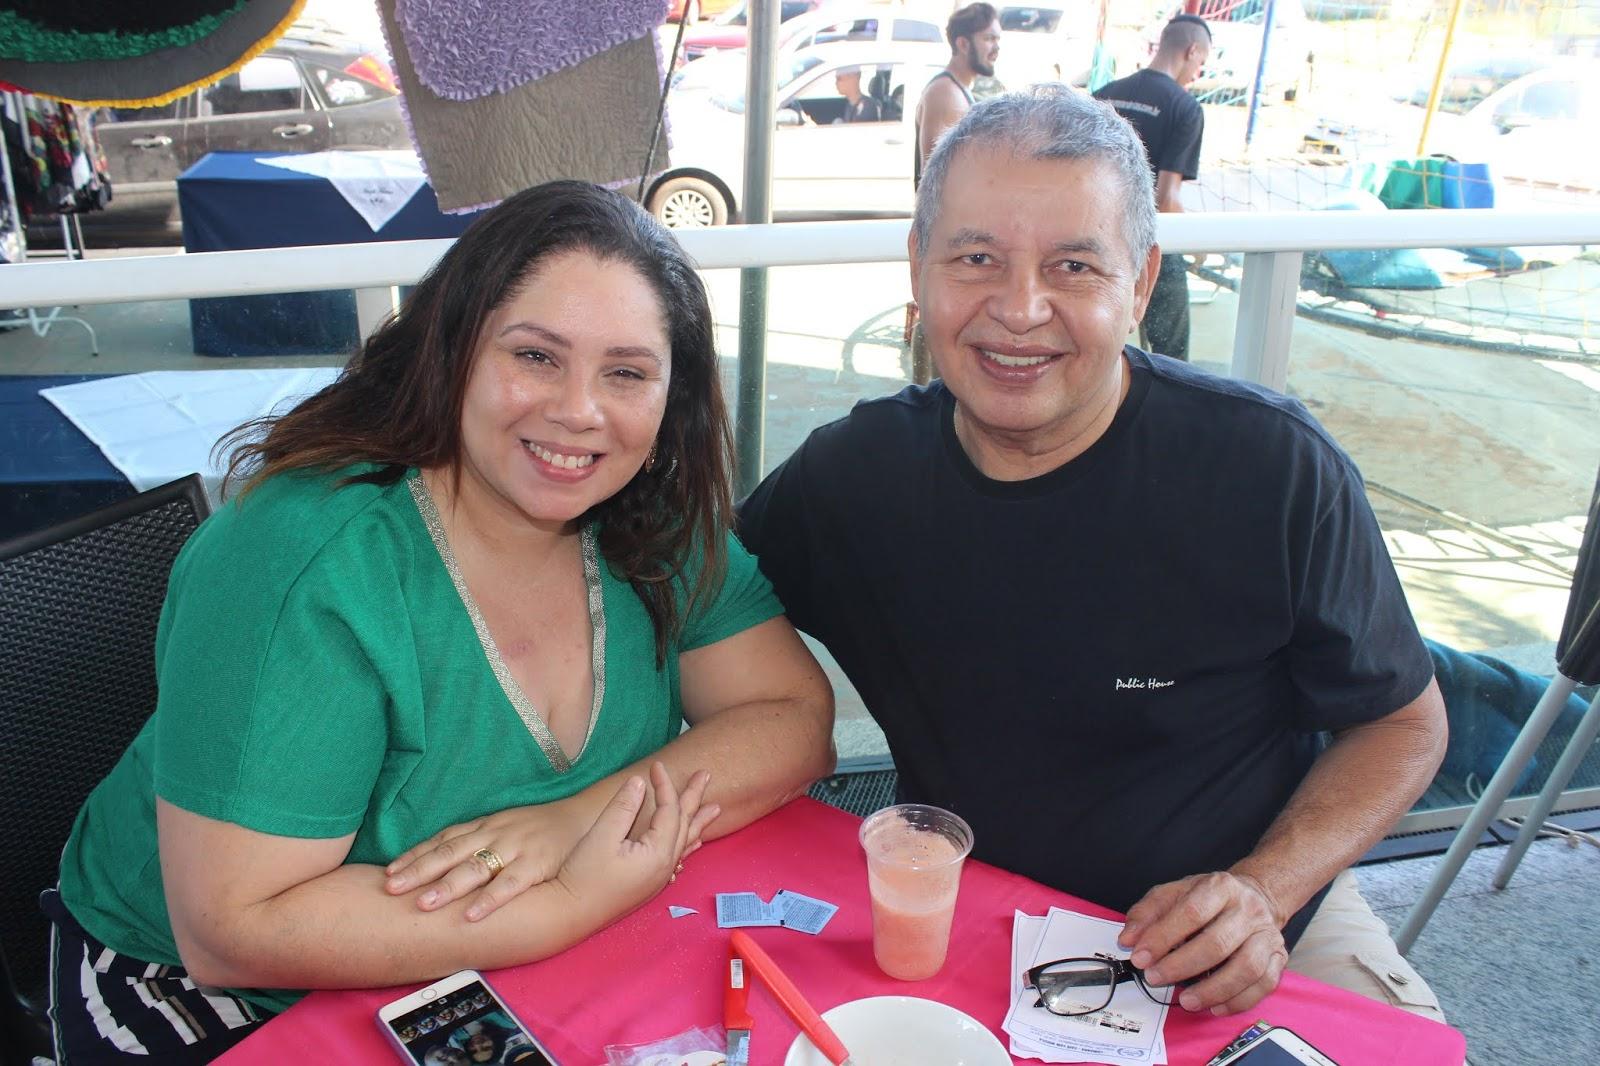 IMG 3639 - Dia 12 de maio dia das Mães no Jardins Mangueiral foi com muta diverção e alegria com um lindo café da manha